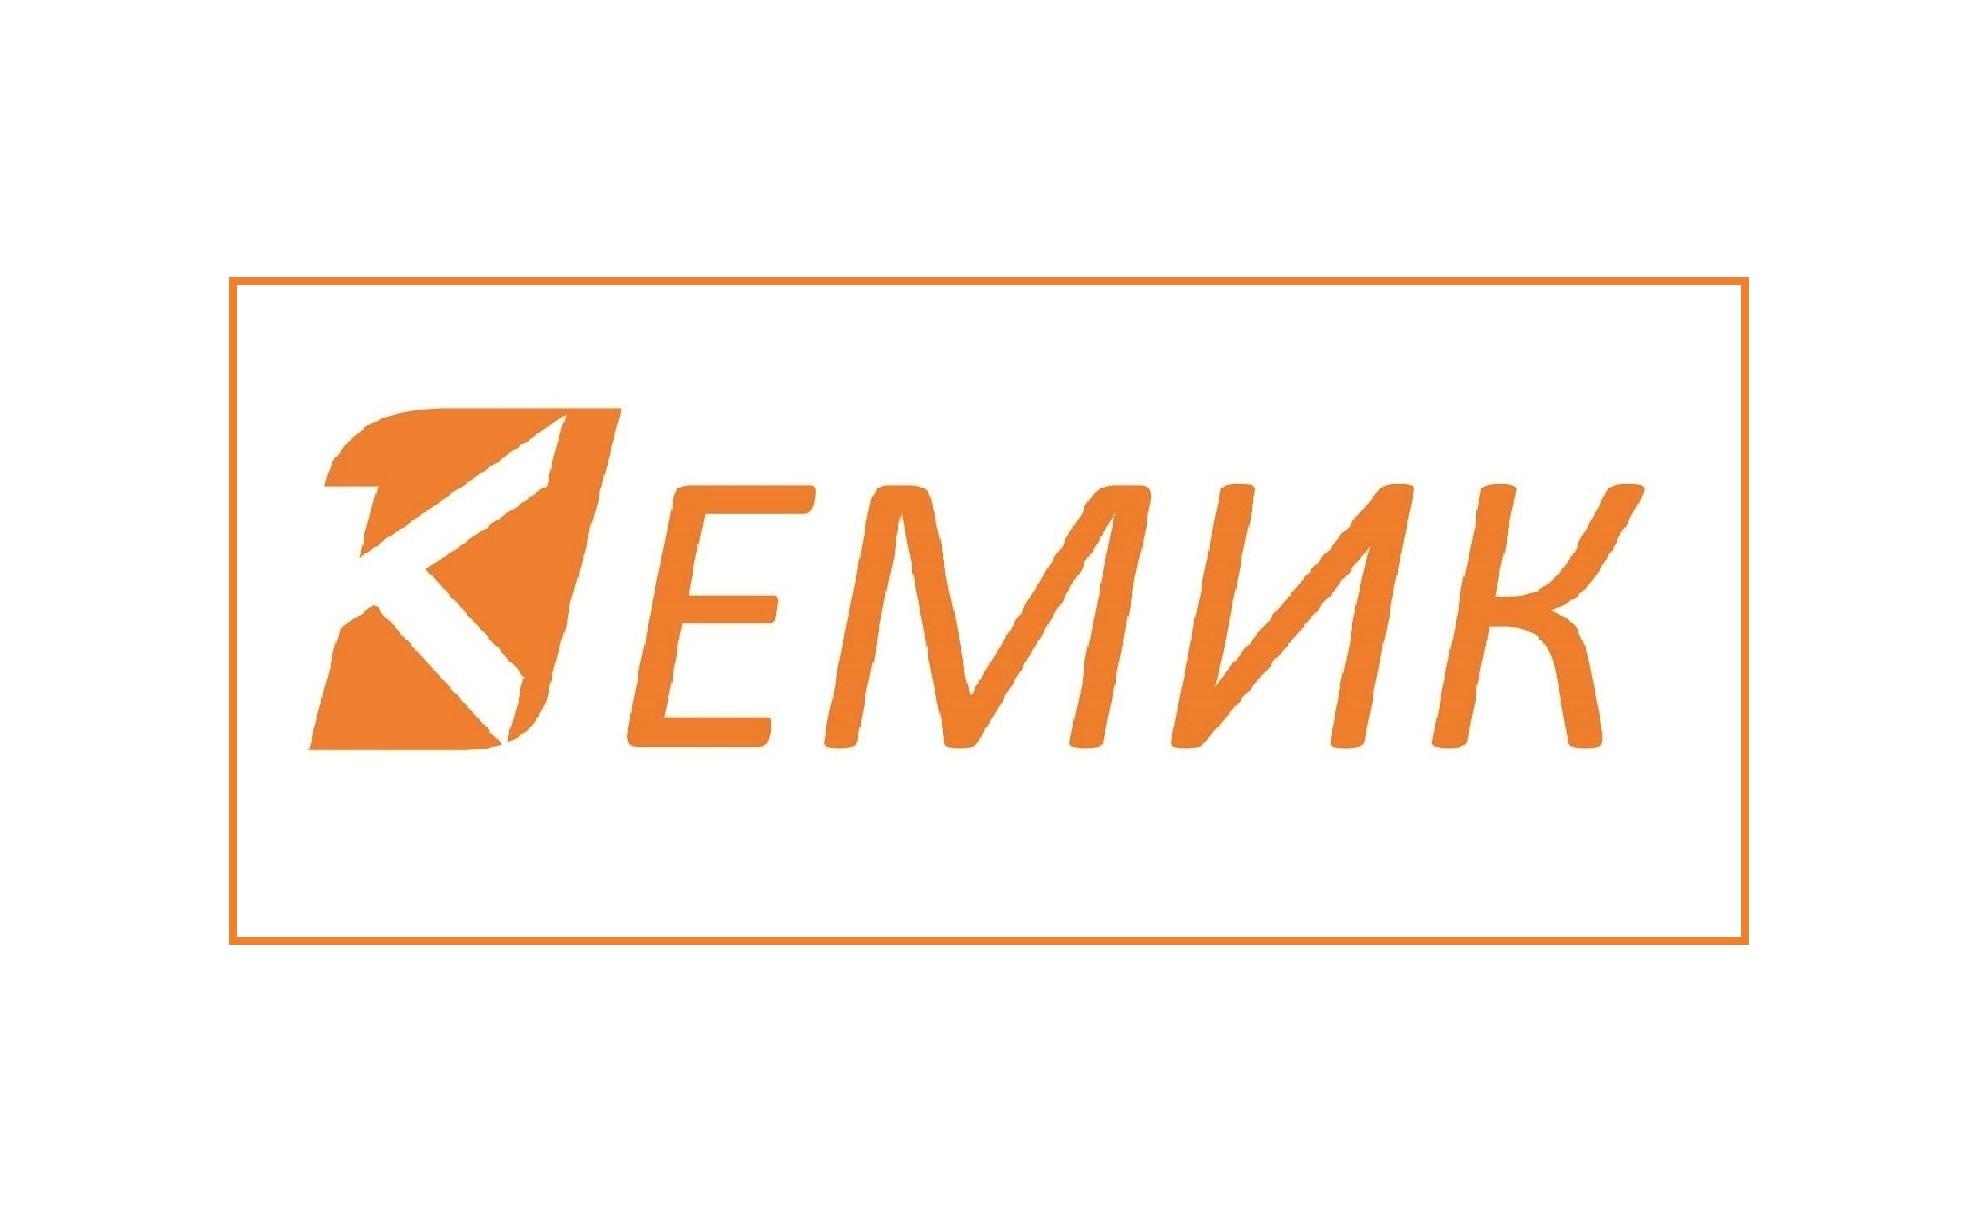 Работа в компании «KEMIK» в Сухиничского района